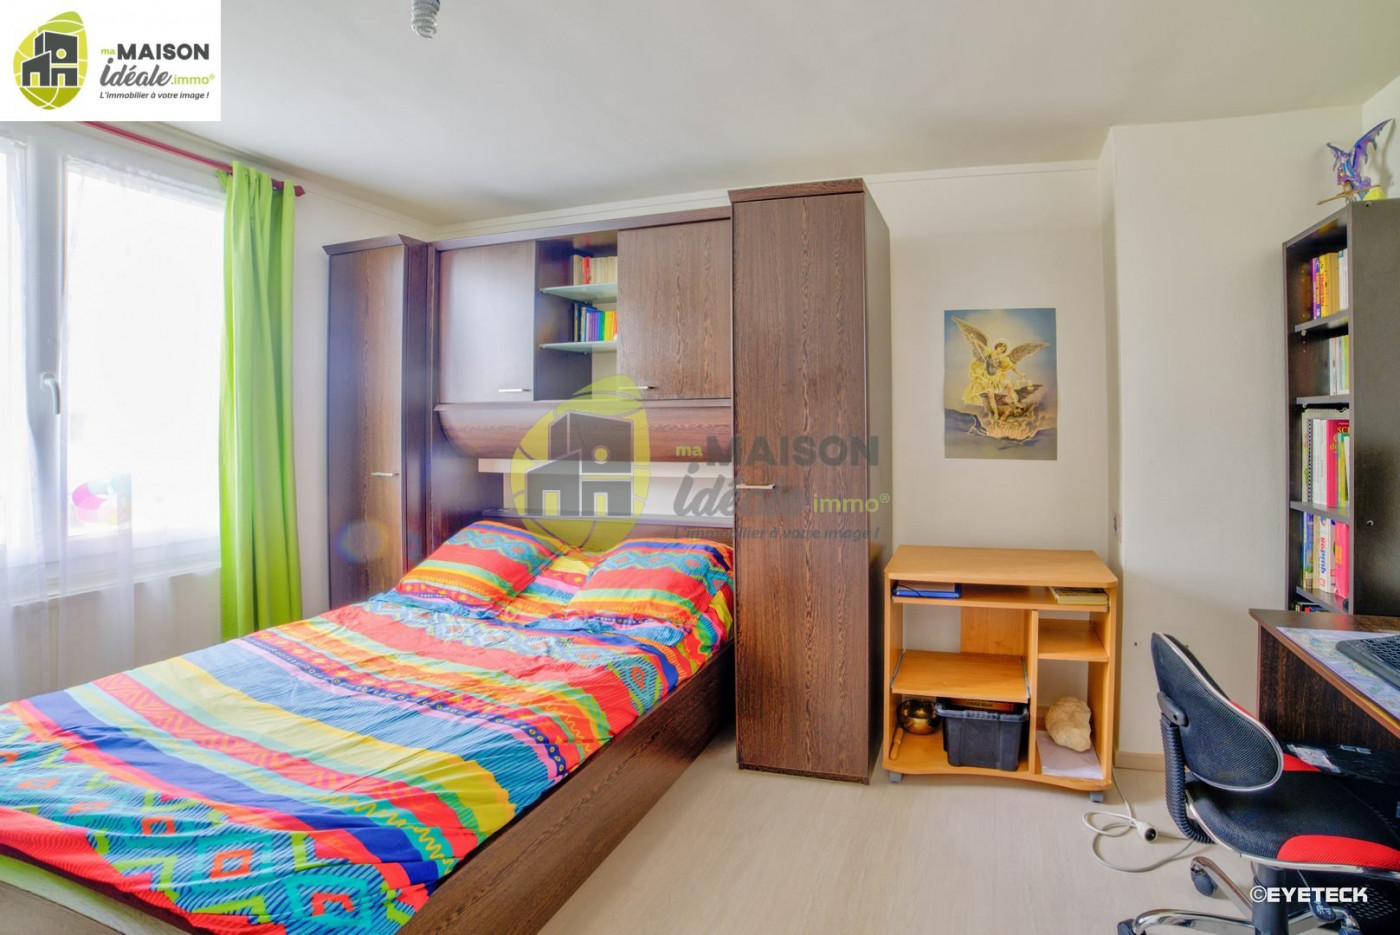 A vendre  Bourges   Réf 360031024 - Ma maison ideale